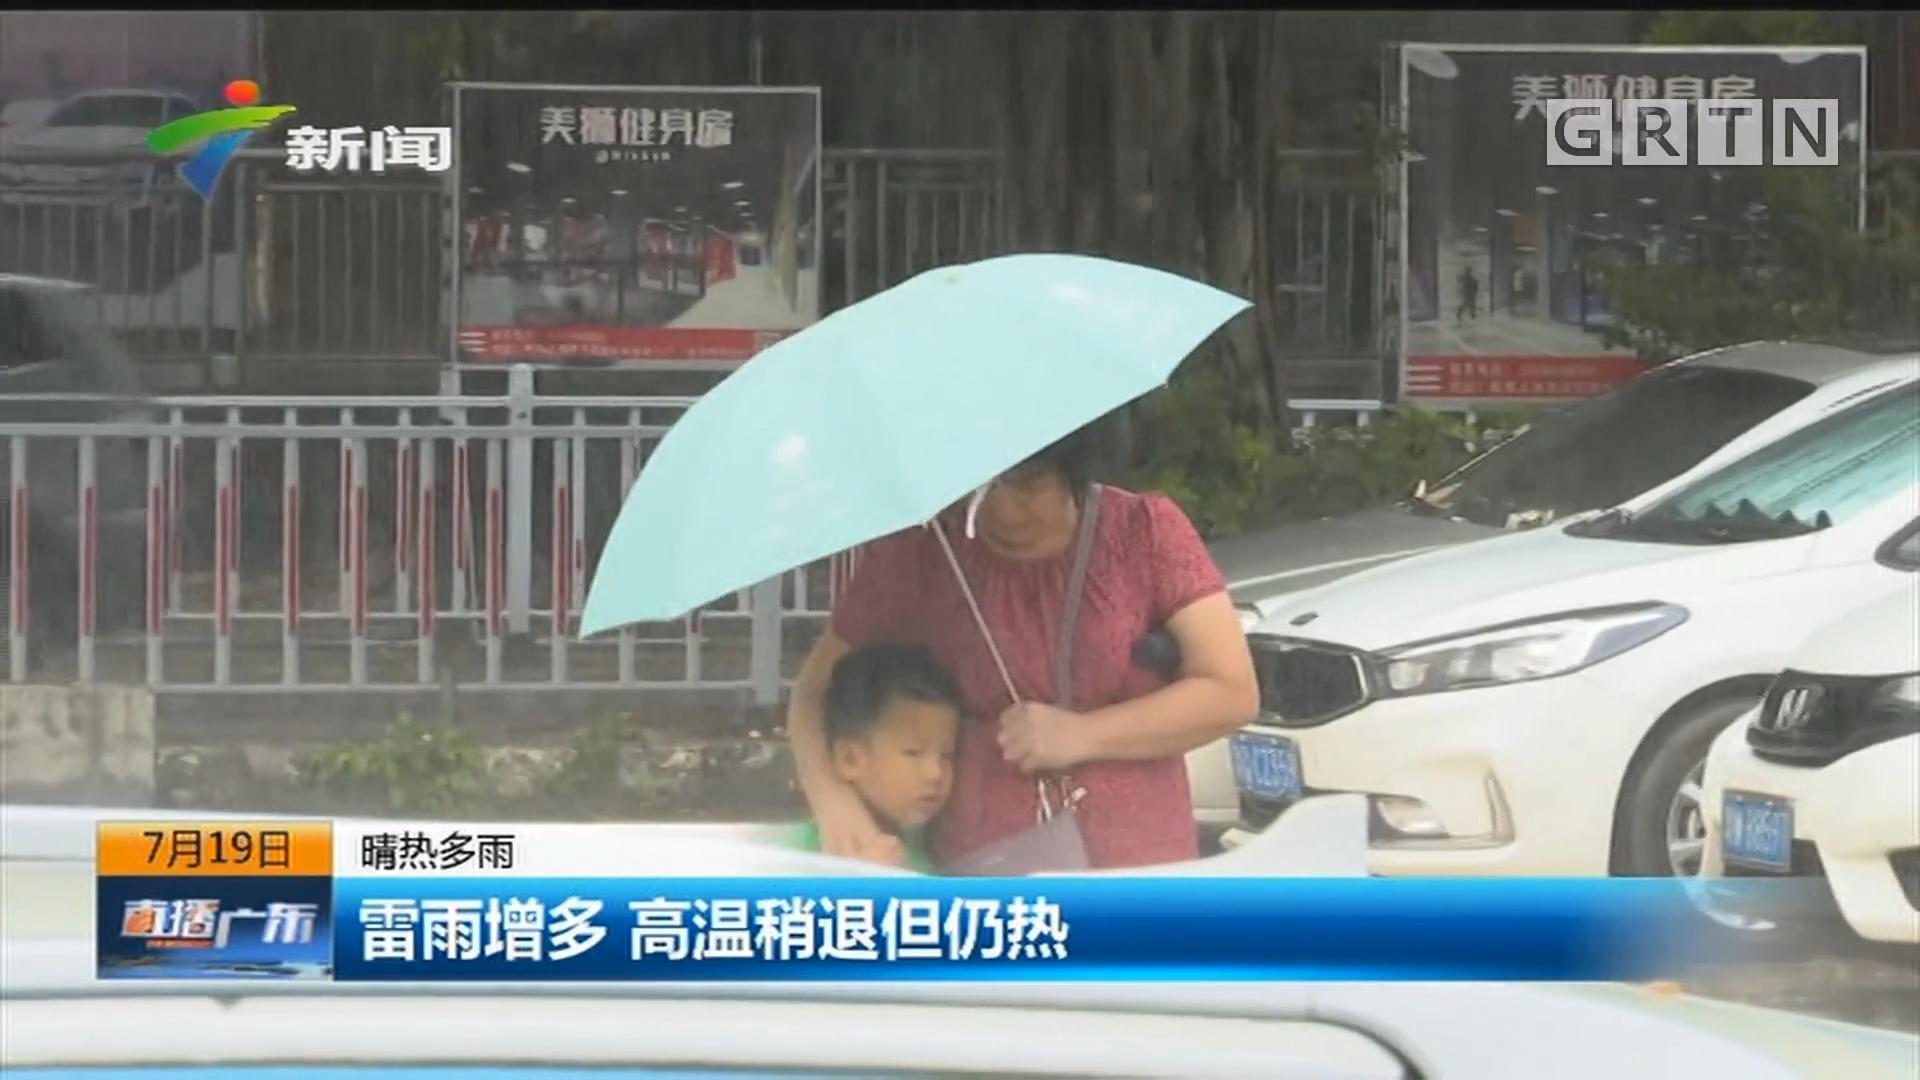 晴热多雨:雷雨增多 高温稍退但仍热